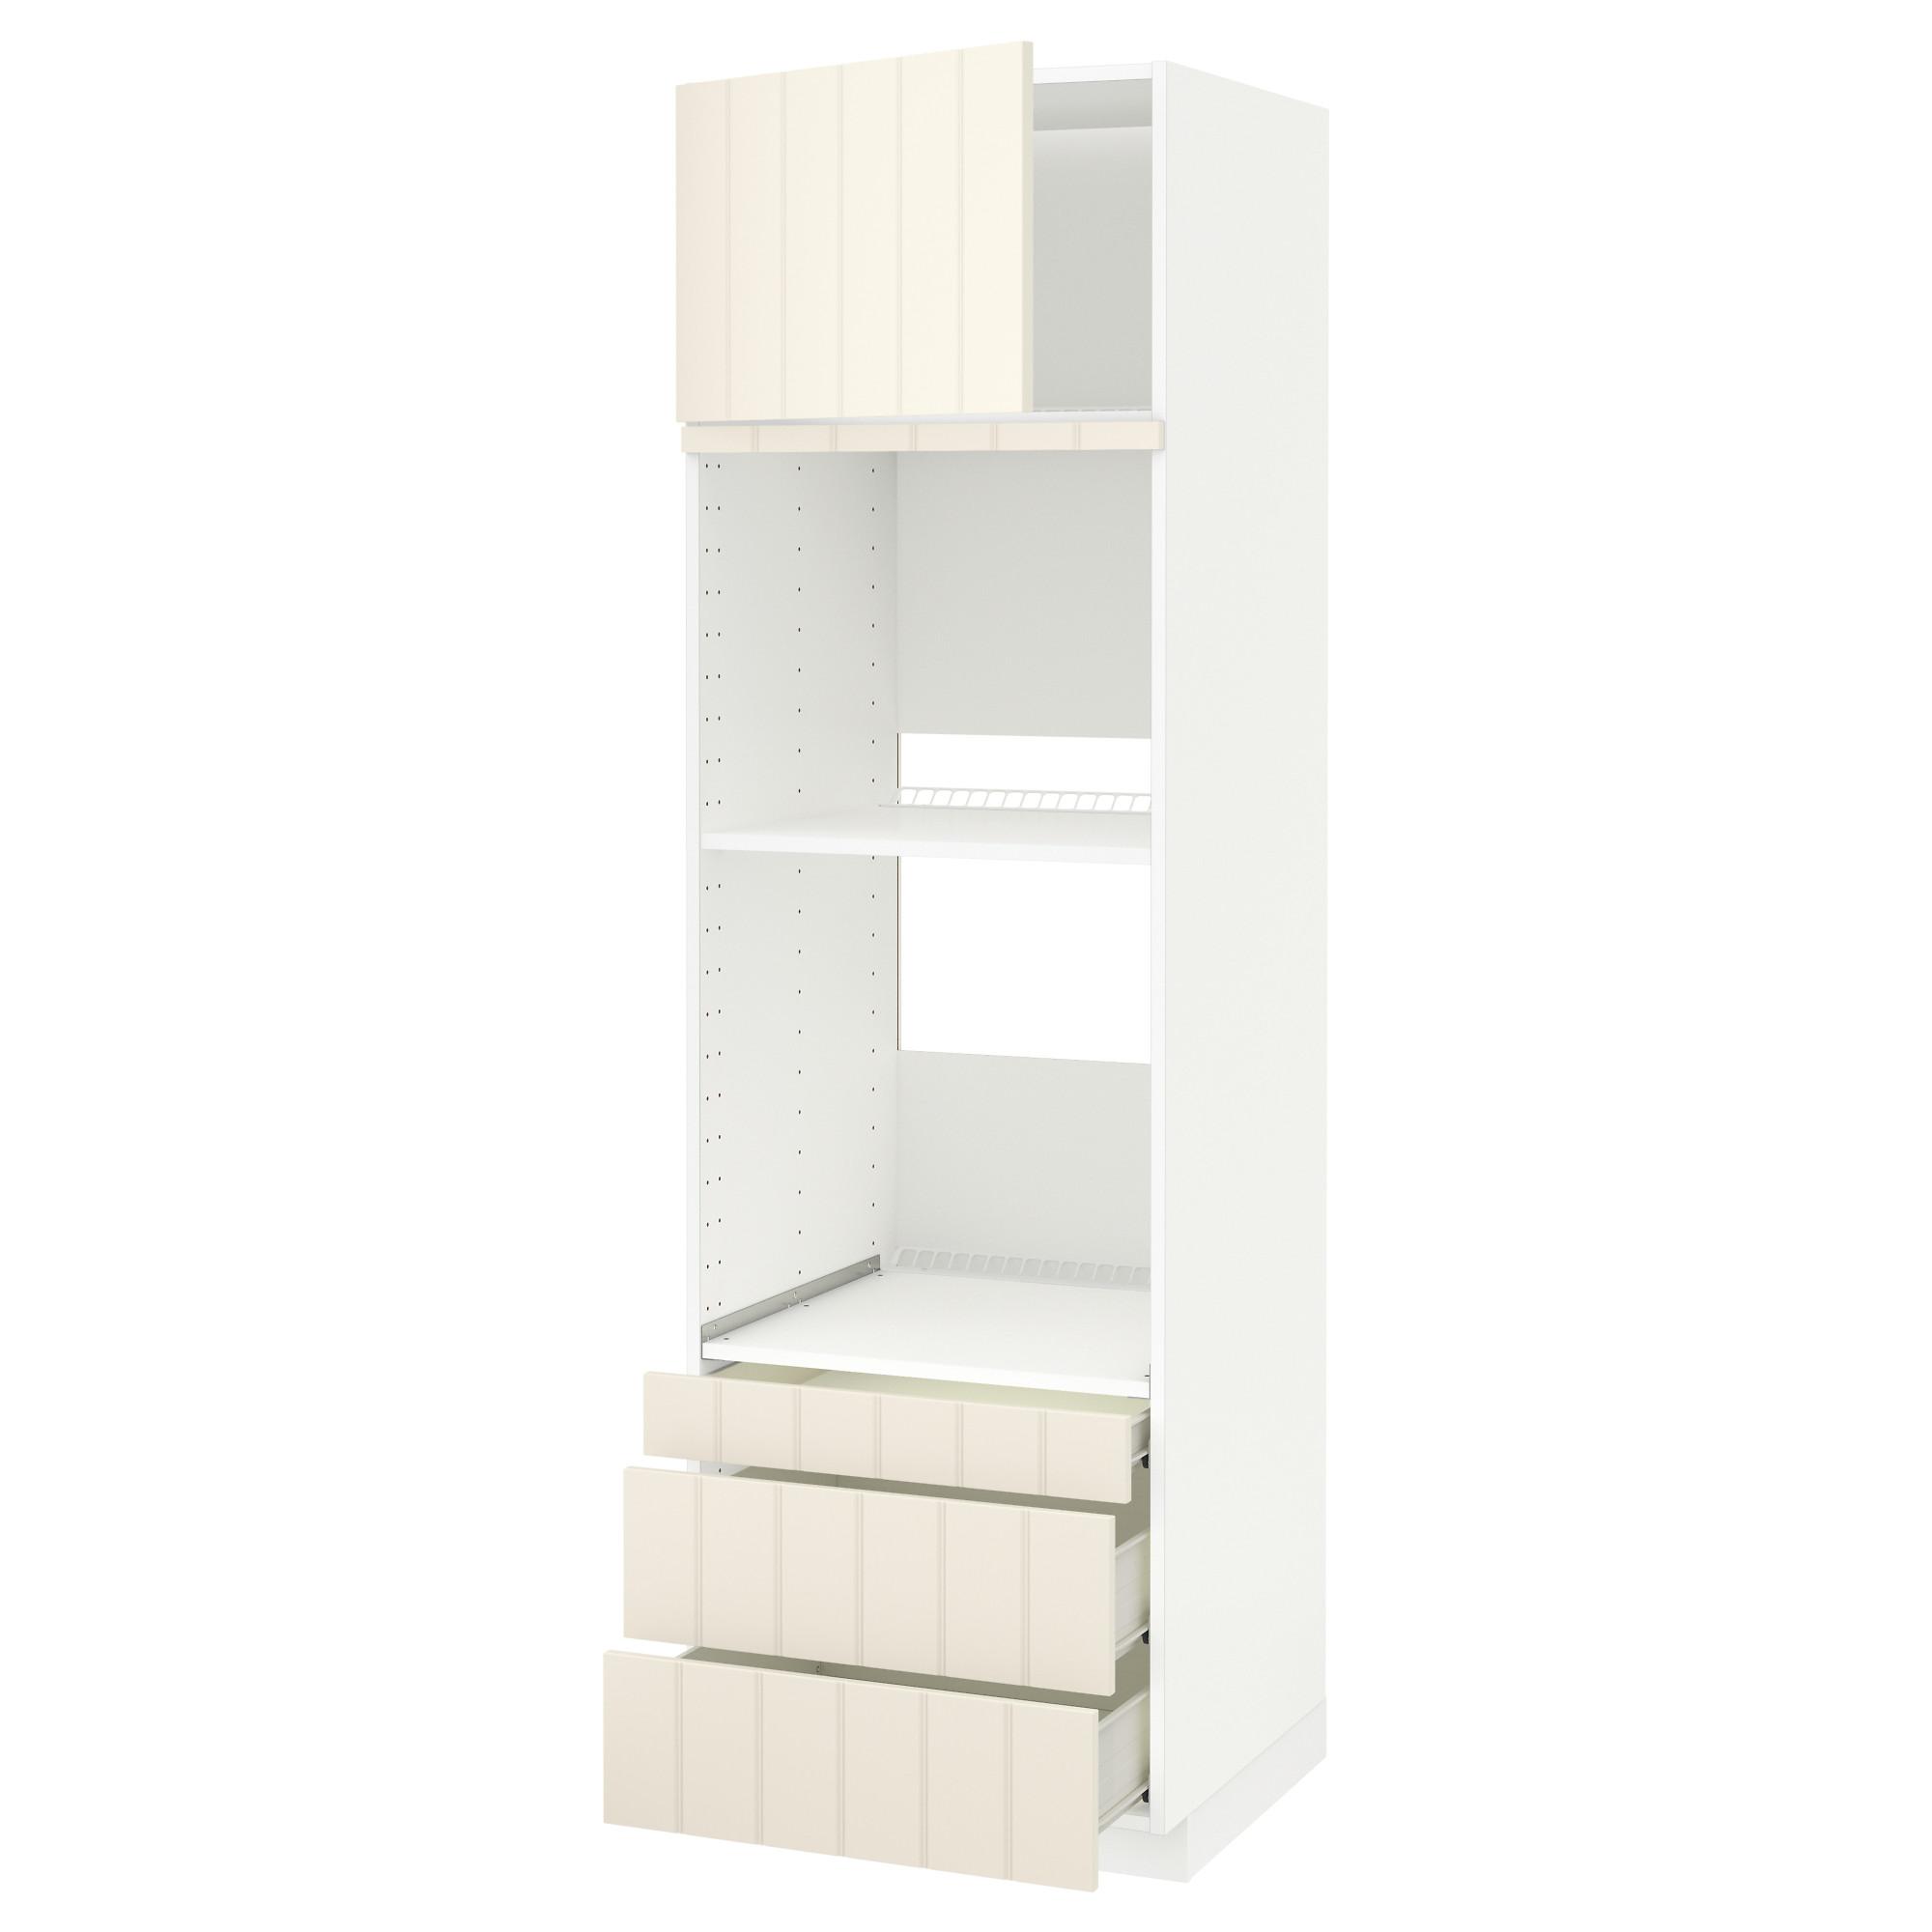 Высокий шкаф для духовки комбинированный, духовка + дверца, 3 ящика МЕТОД / ФОРВАРА белый артикуль № 692.619.57 в наличии. Интернет сайт IKEA Минск. Быстрая доставка и установка.